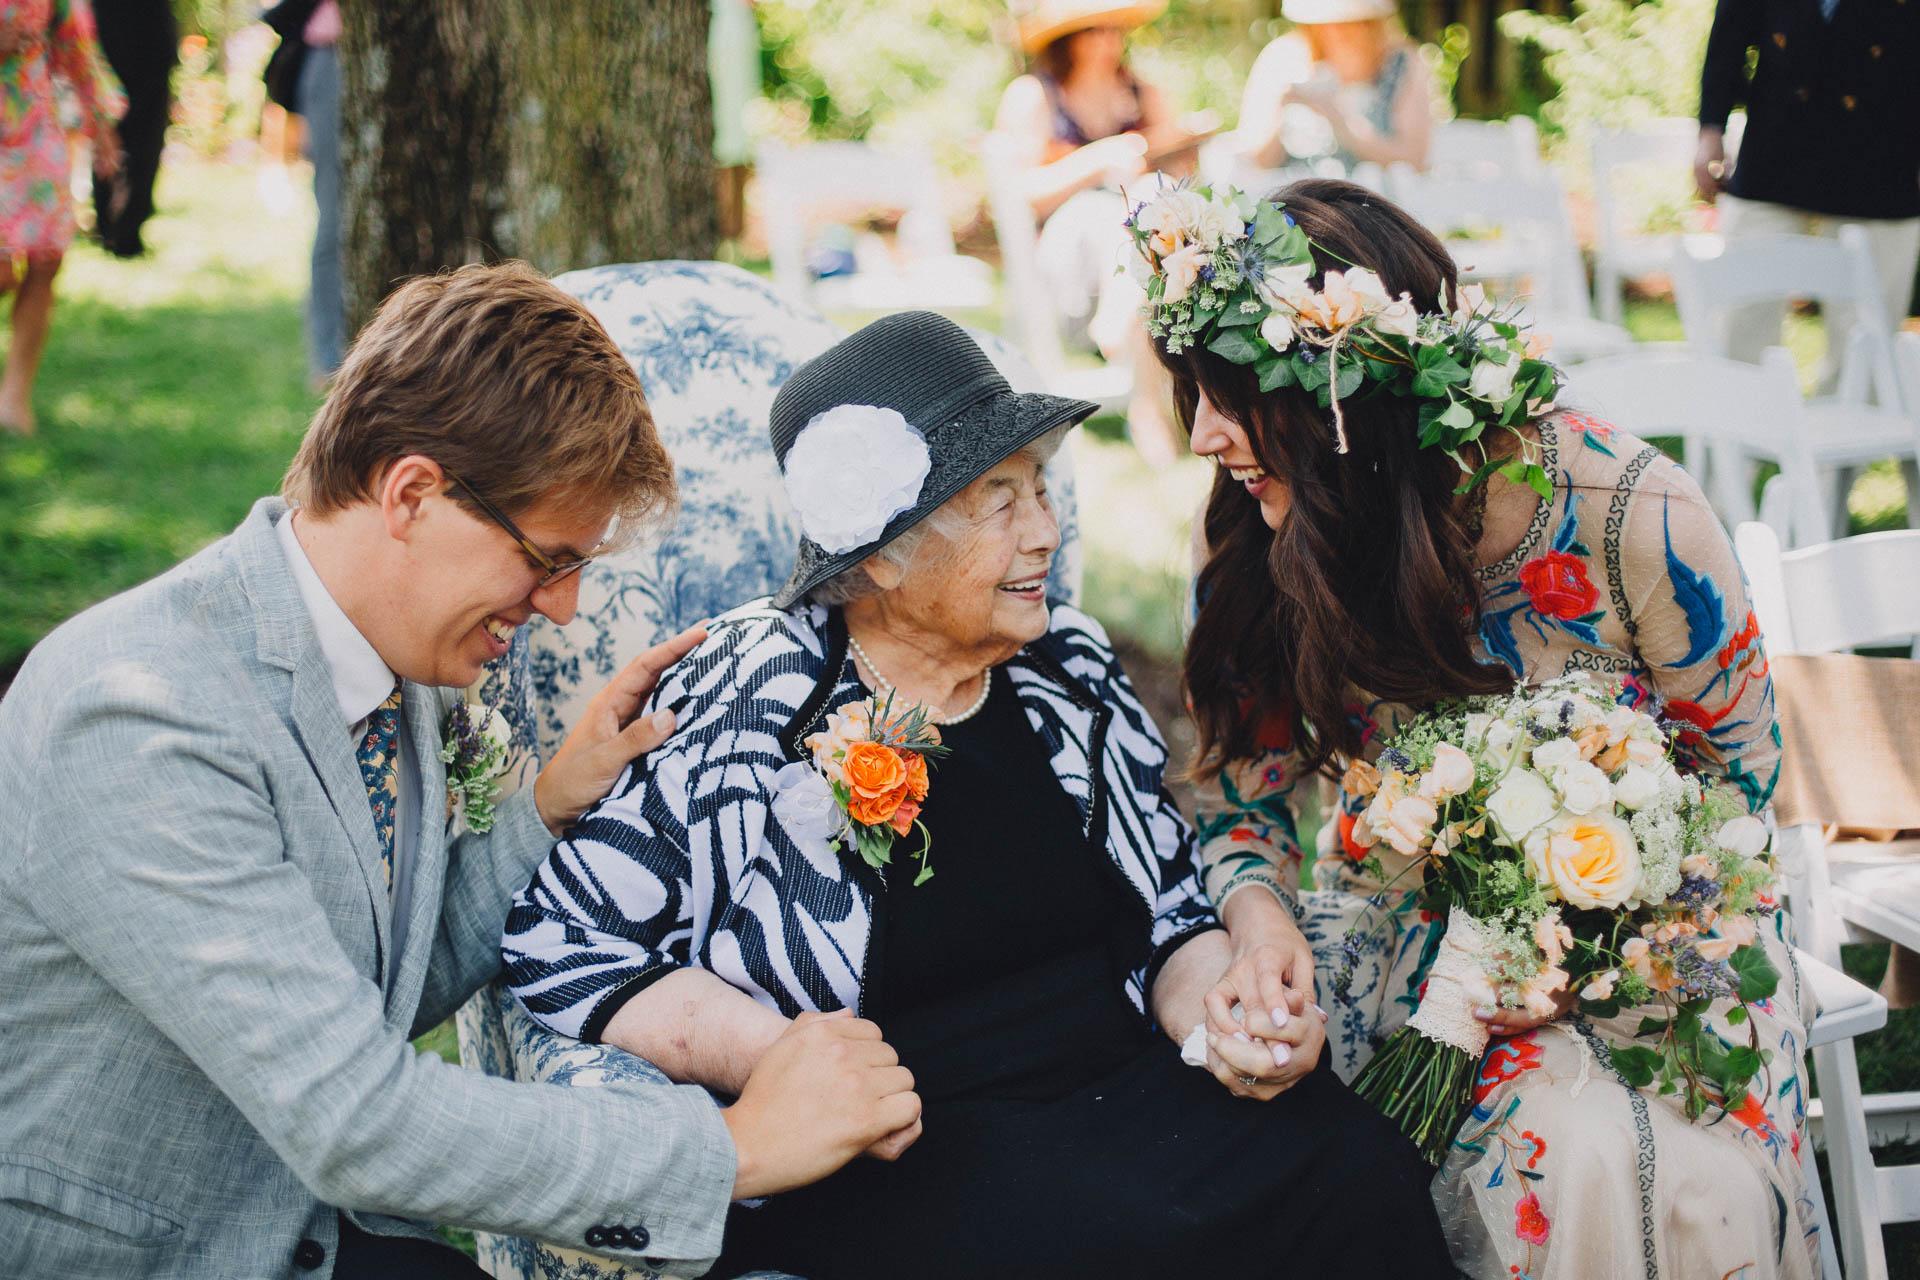 Megan-Paul-Ohio-English-Garden-Wedding-054@2x.jpg